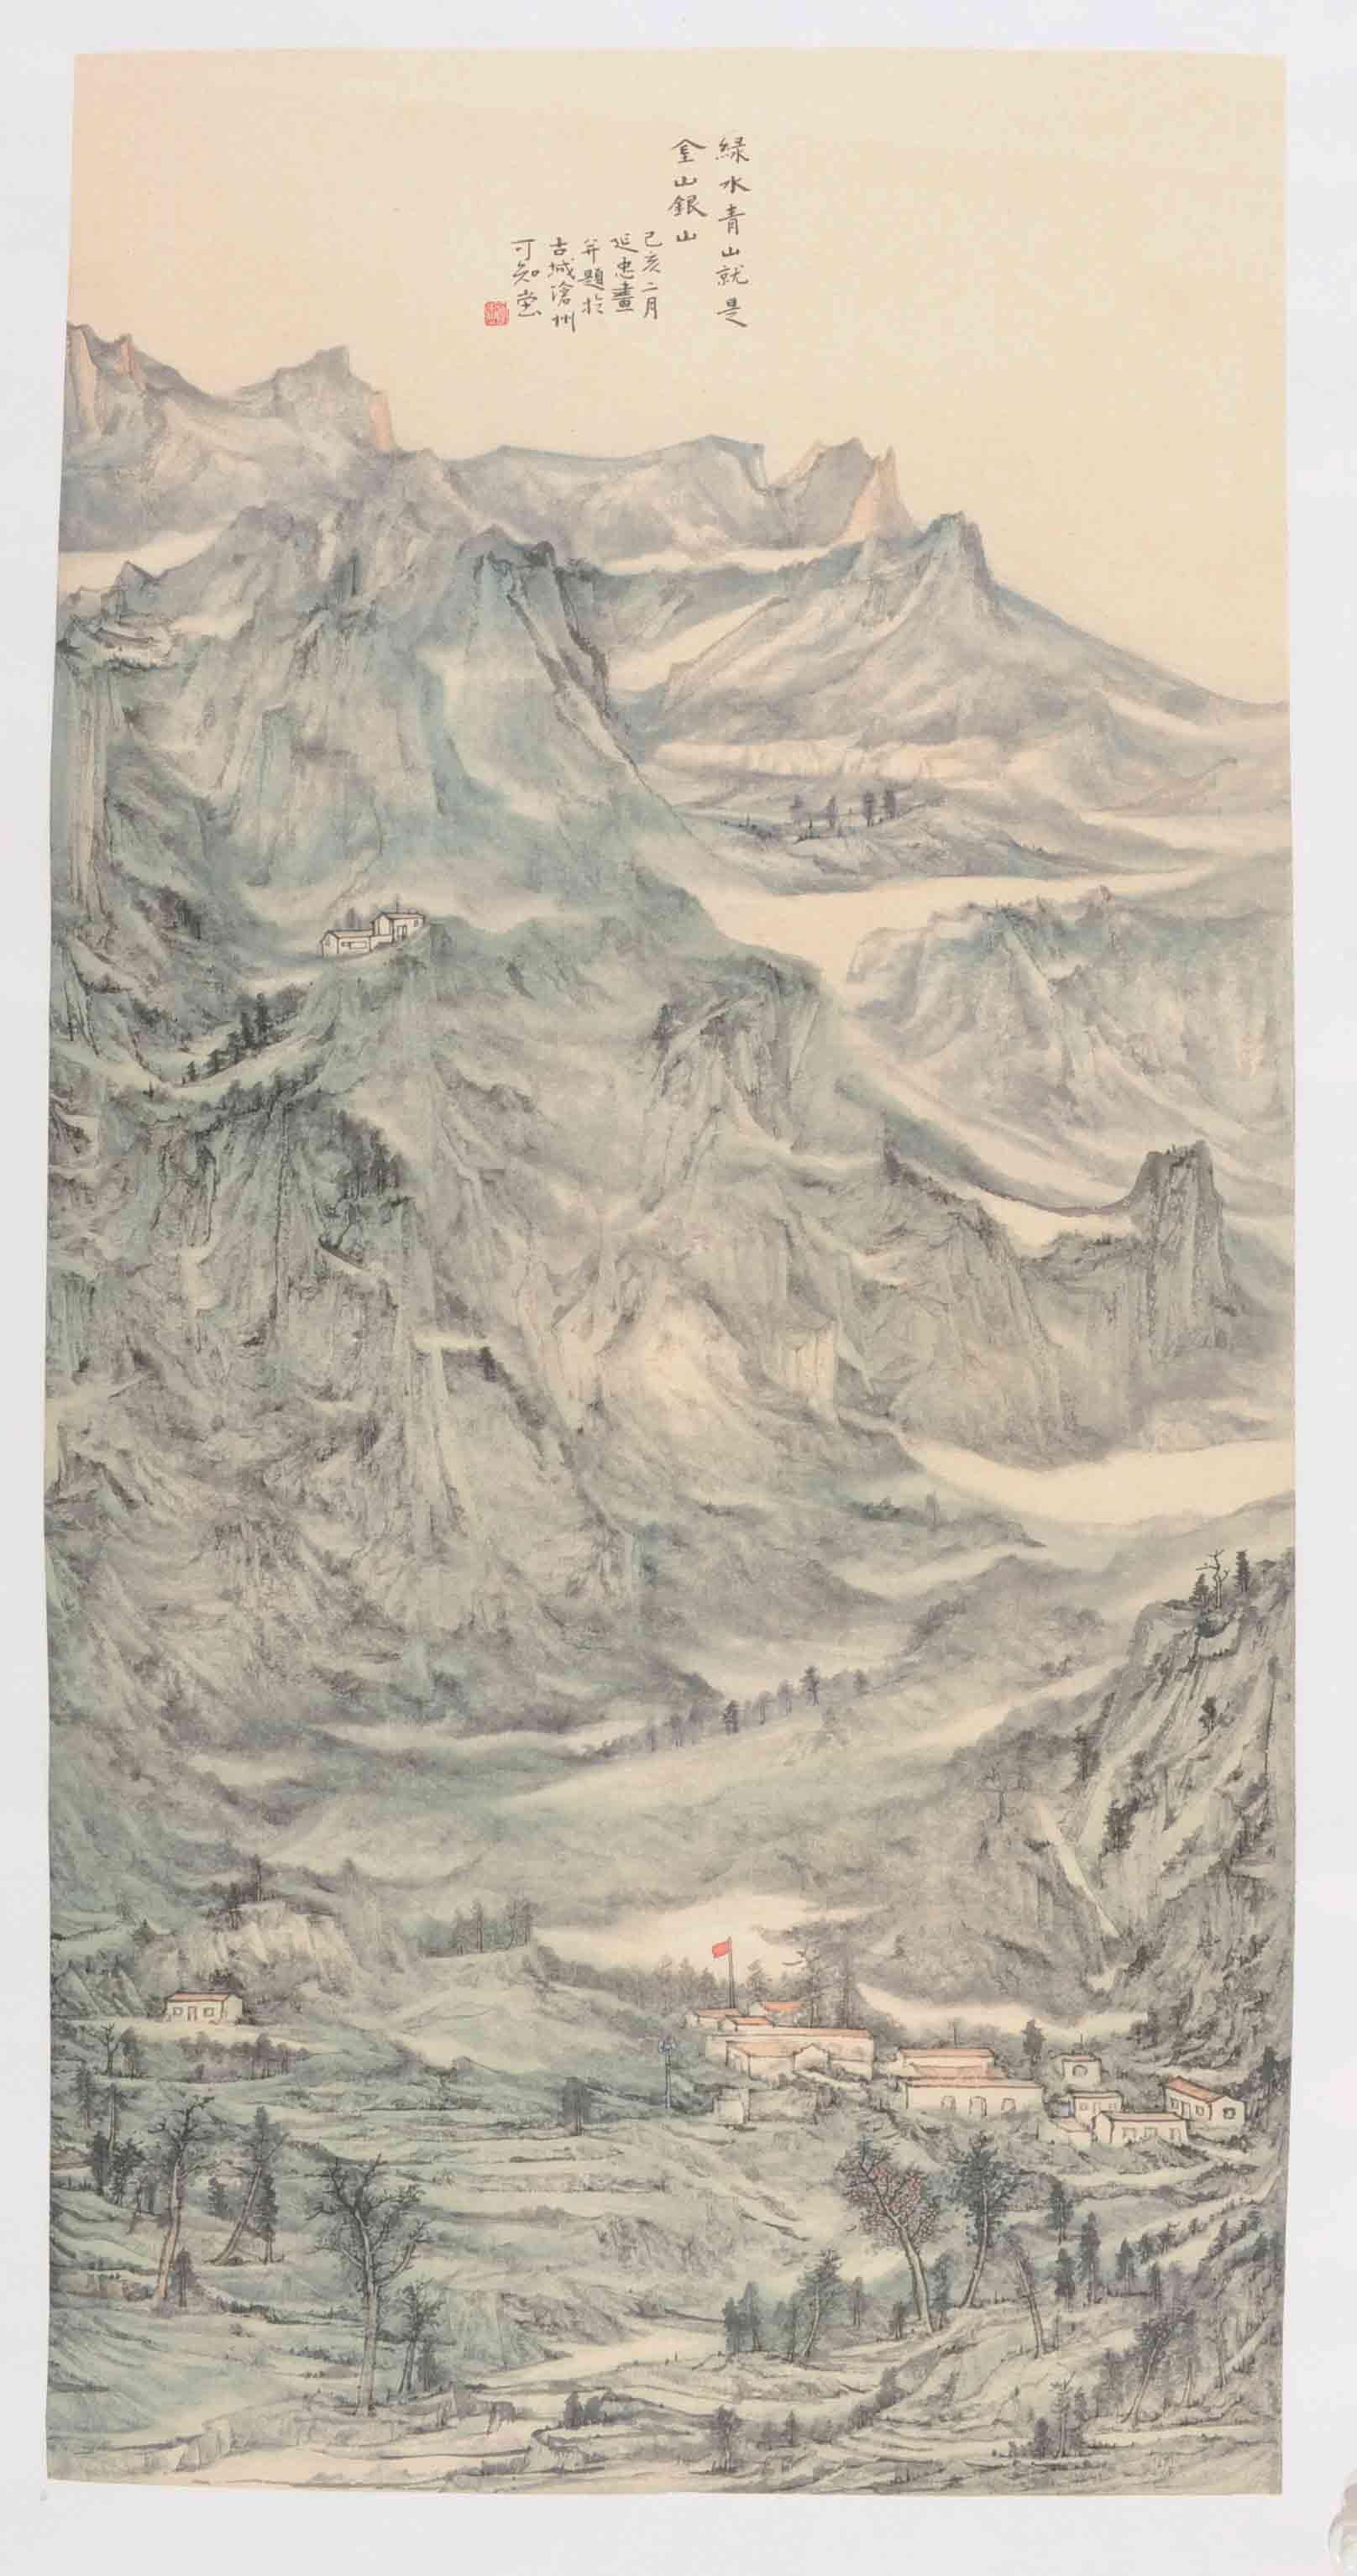 周延忠-绿水青山就是金山银山.jpg